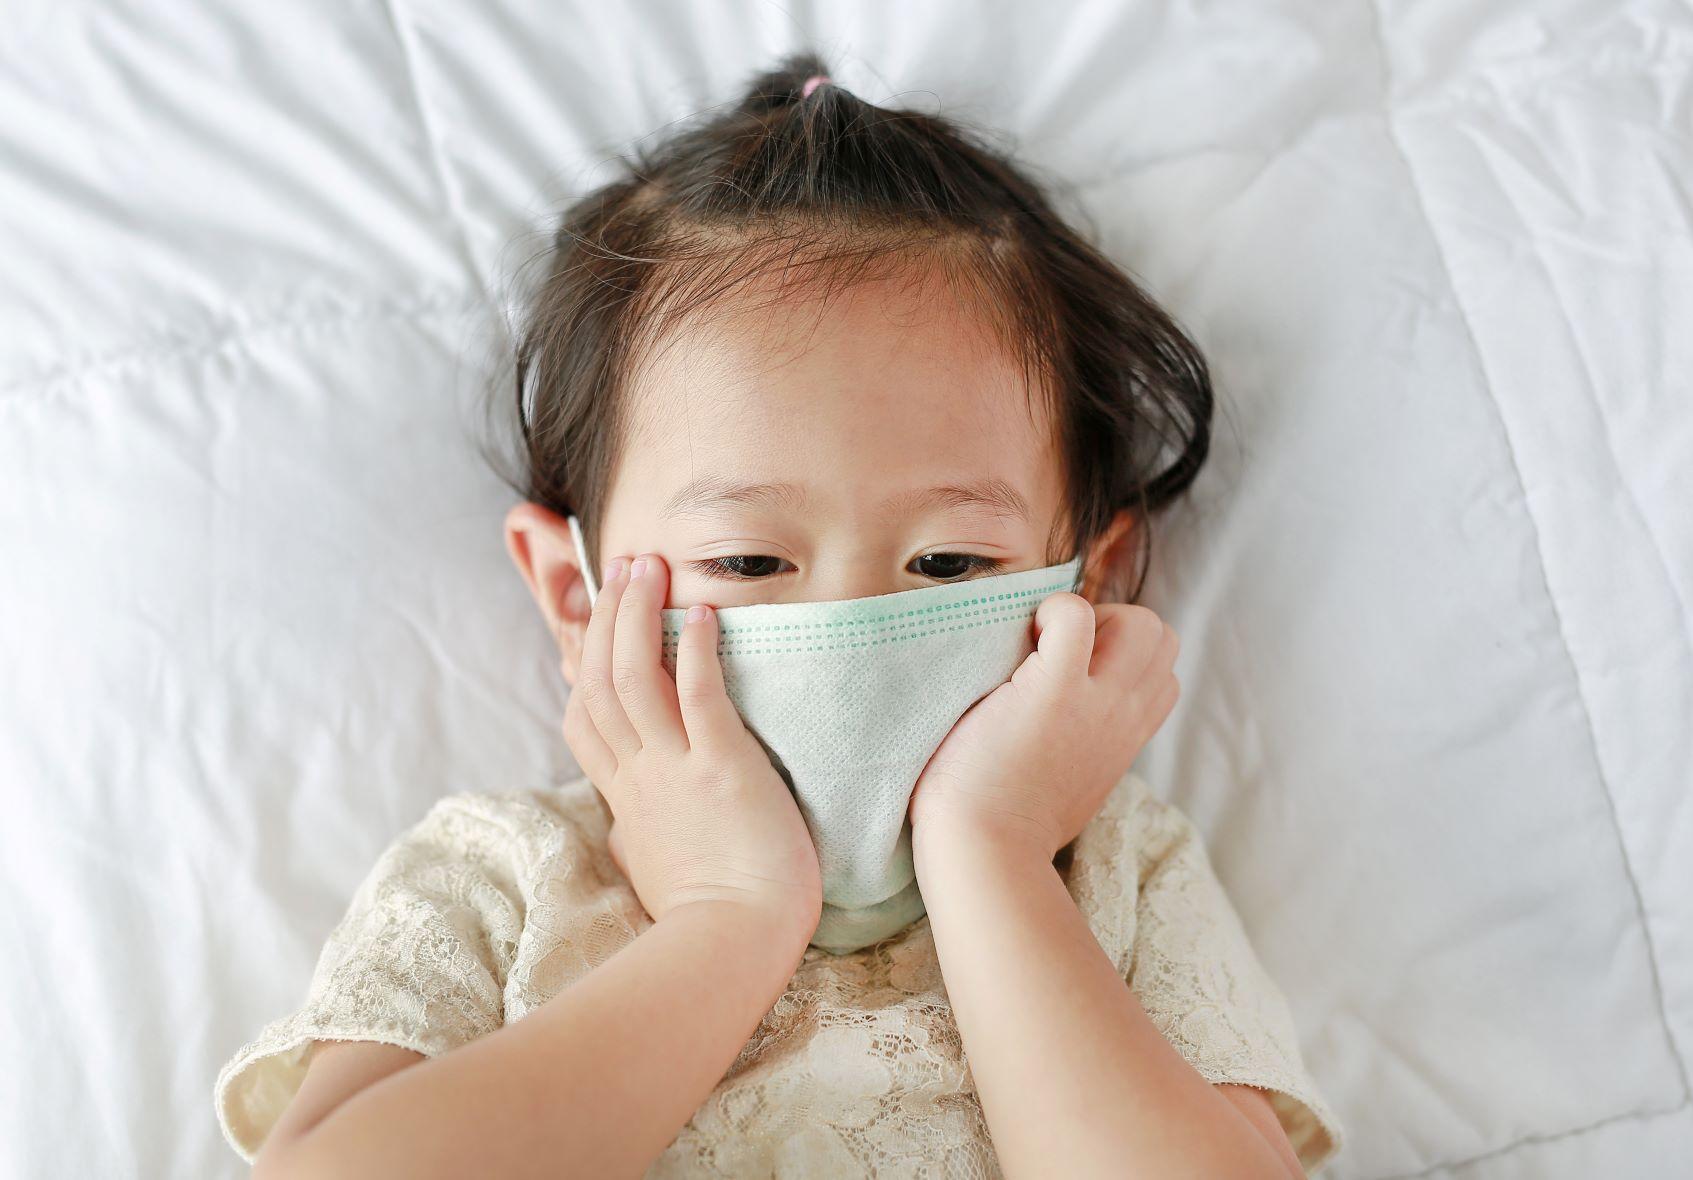 ห่วงไข้หวัดแดดในเด็ก ช่วงฤดูร้อน thaihealth